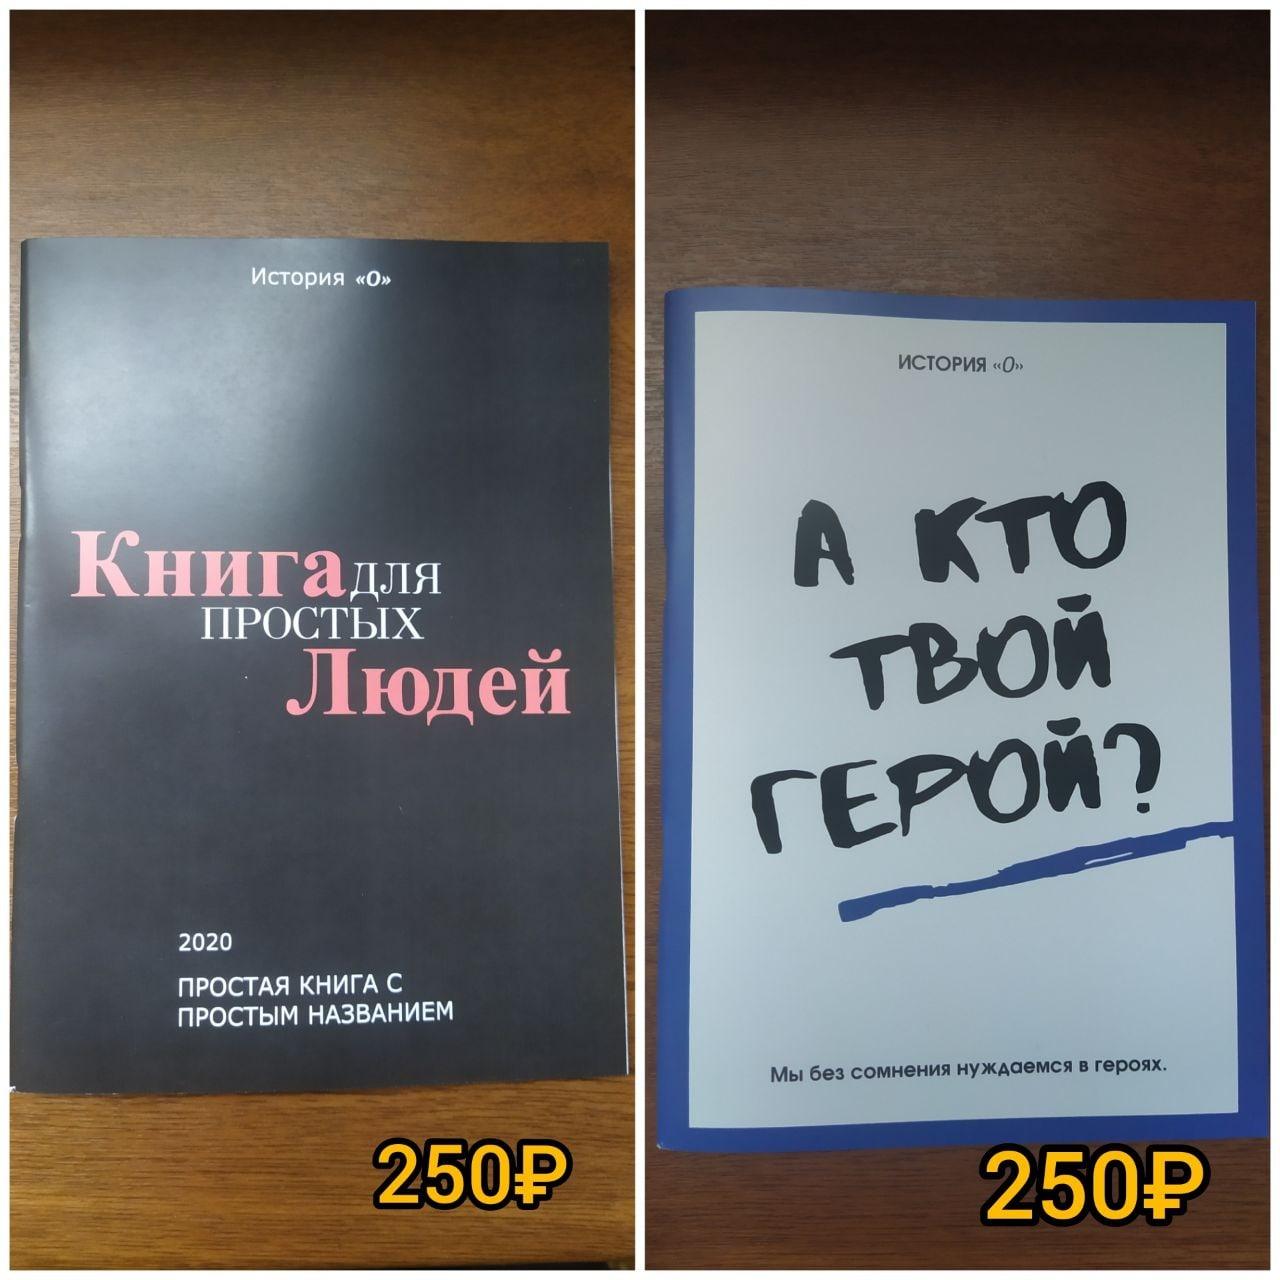 Хочу порекомендовать вам пару книг.